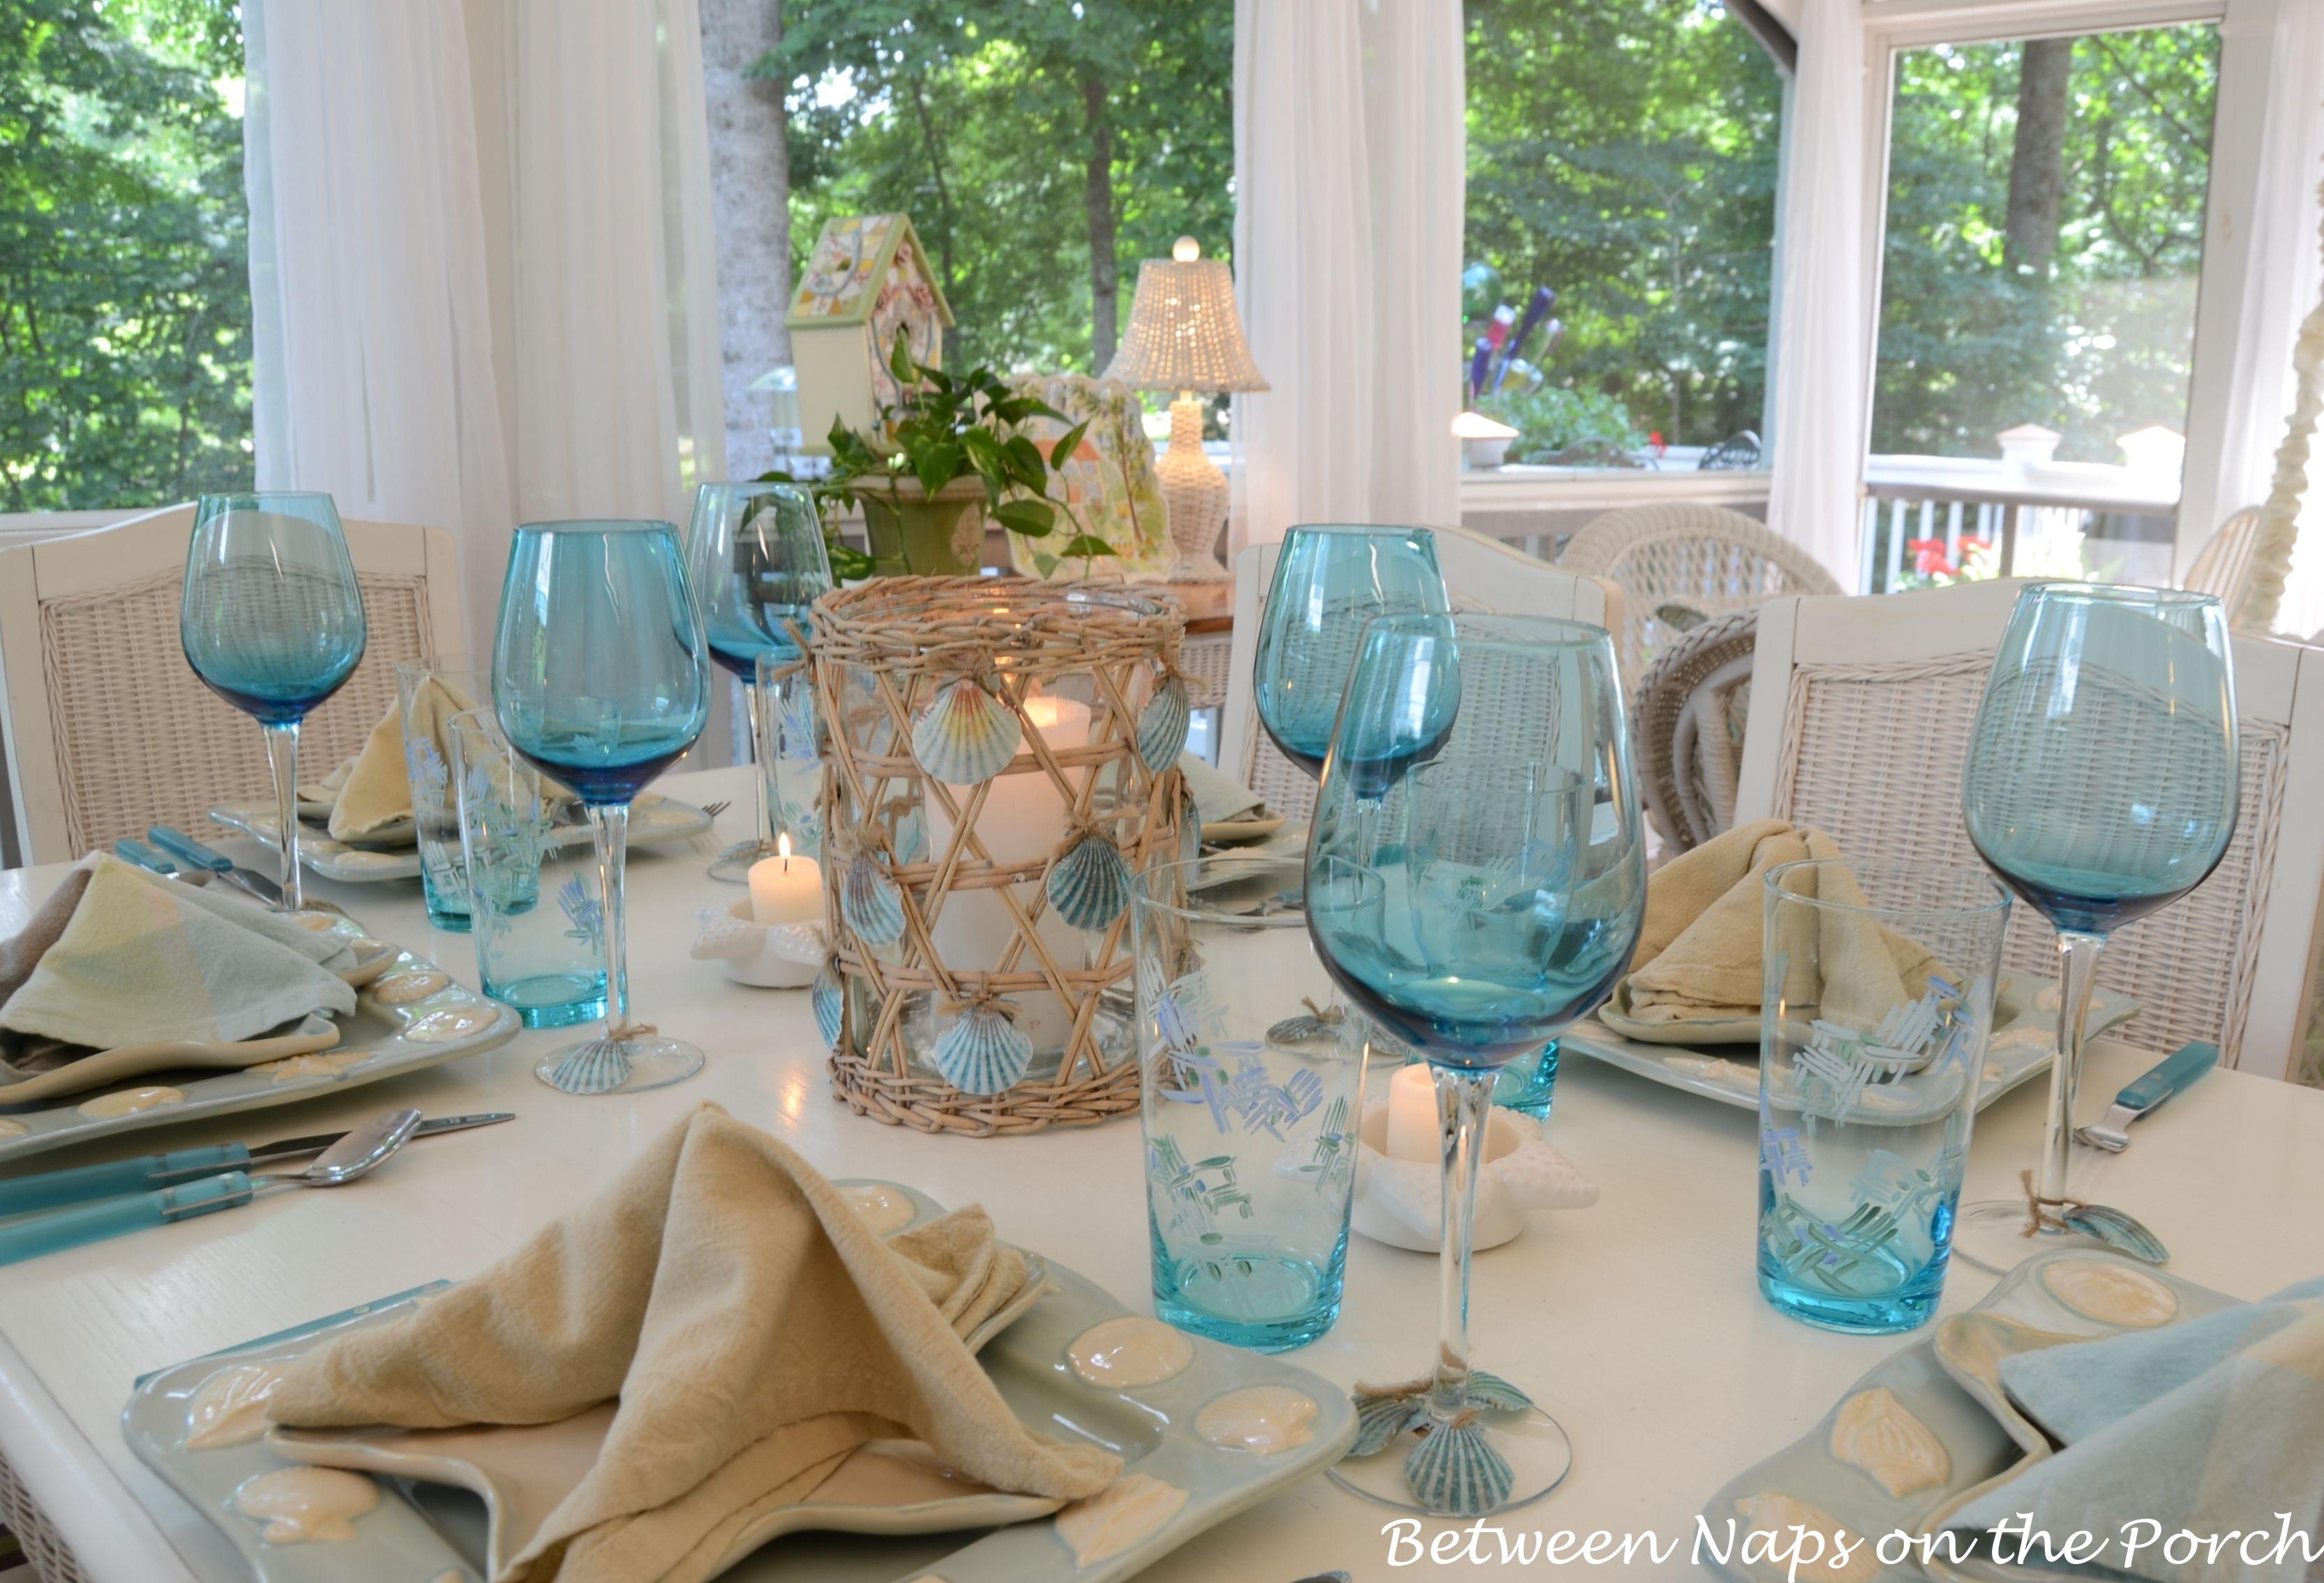 Beach Themes Wedding: A Beach Themed Table Setting